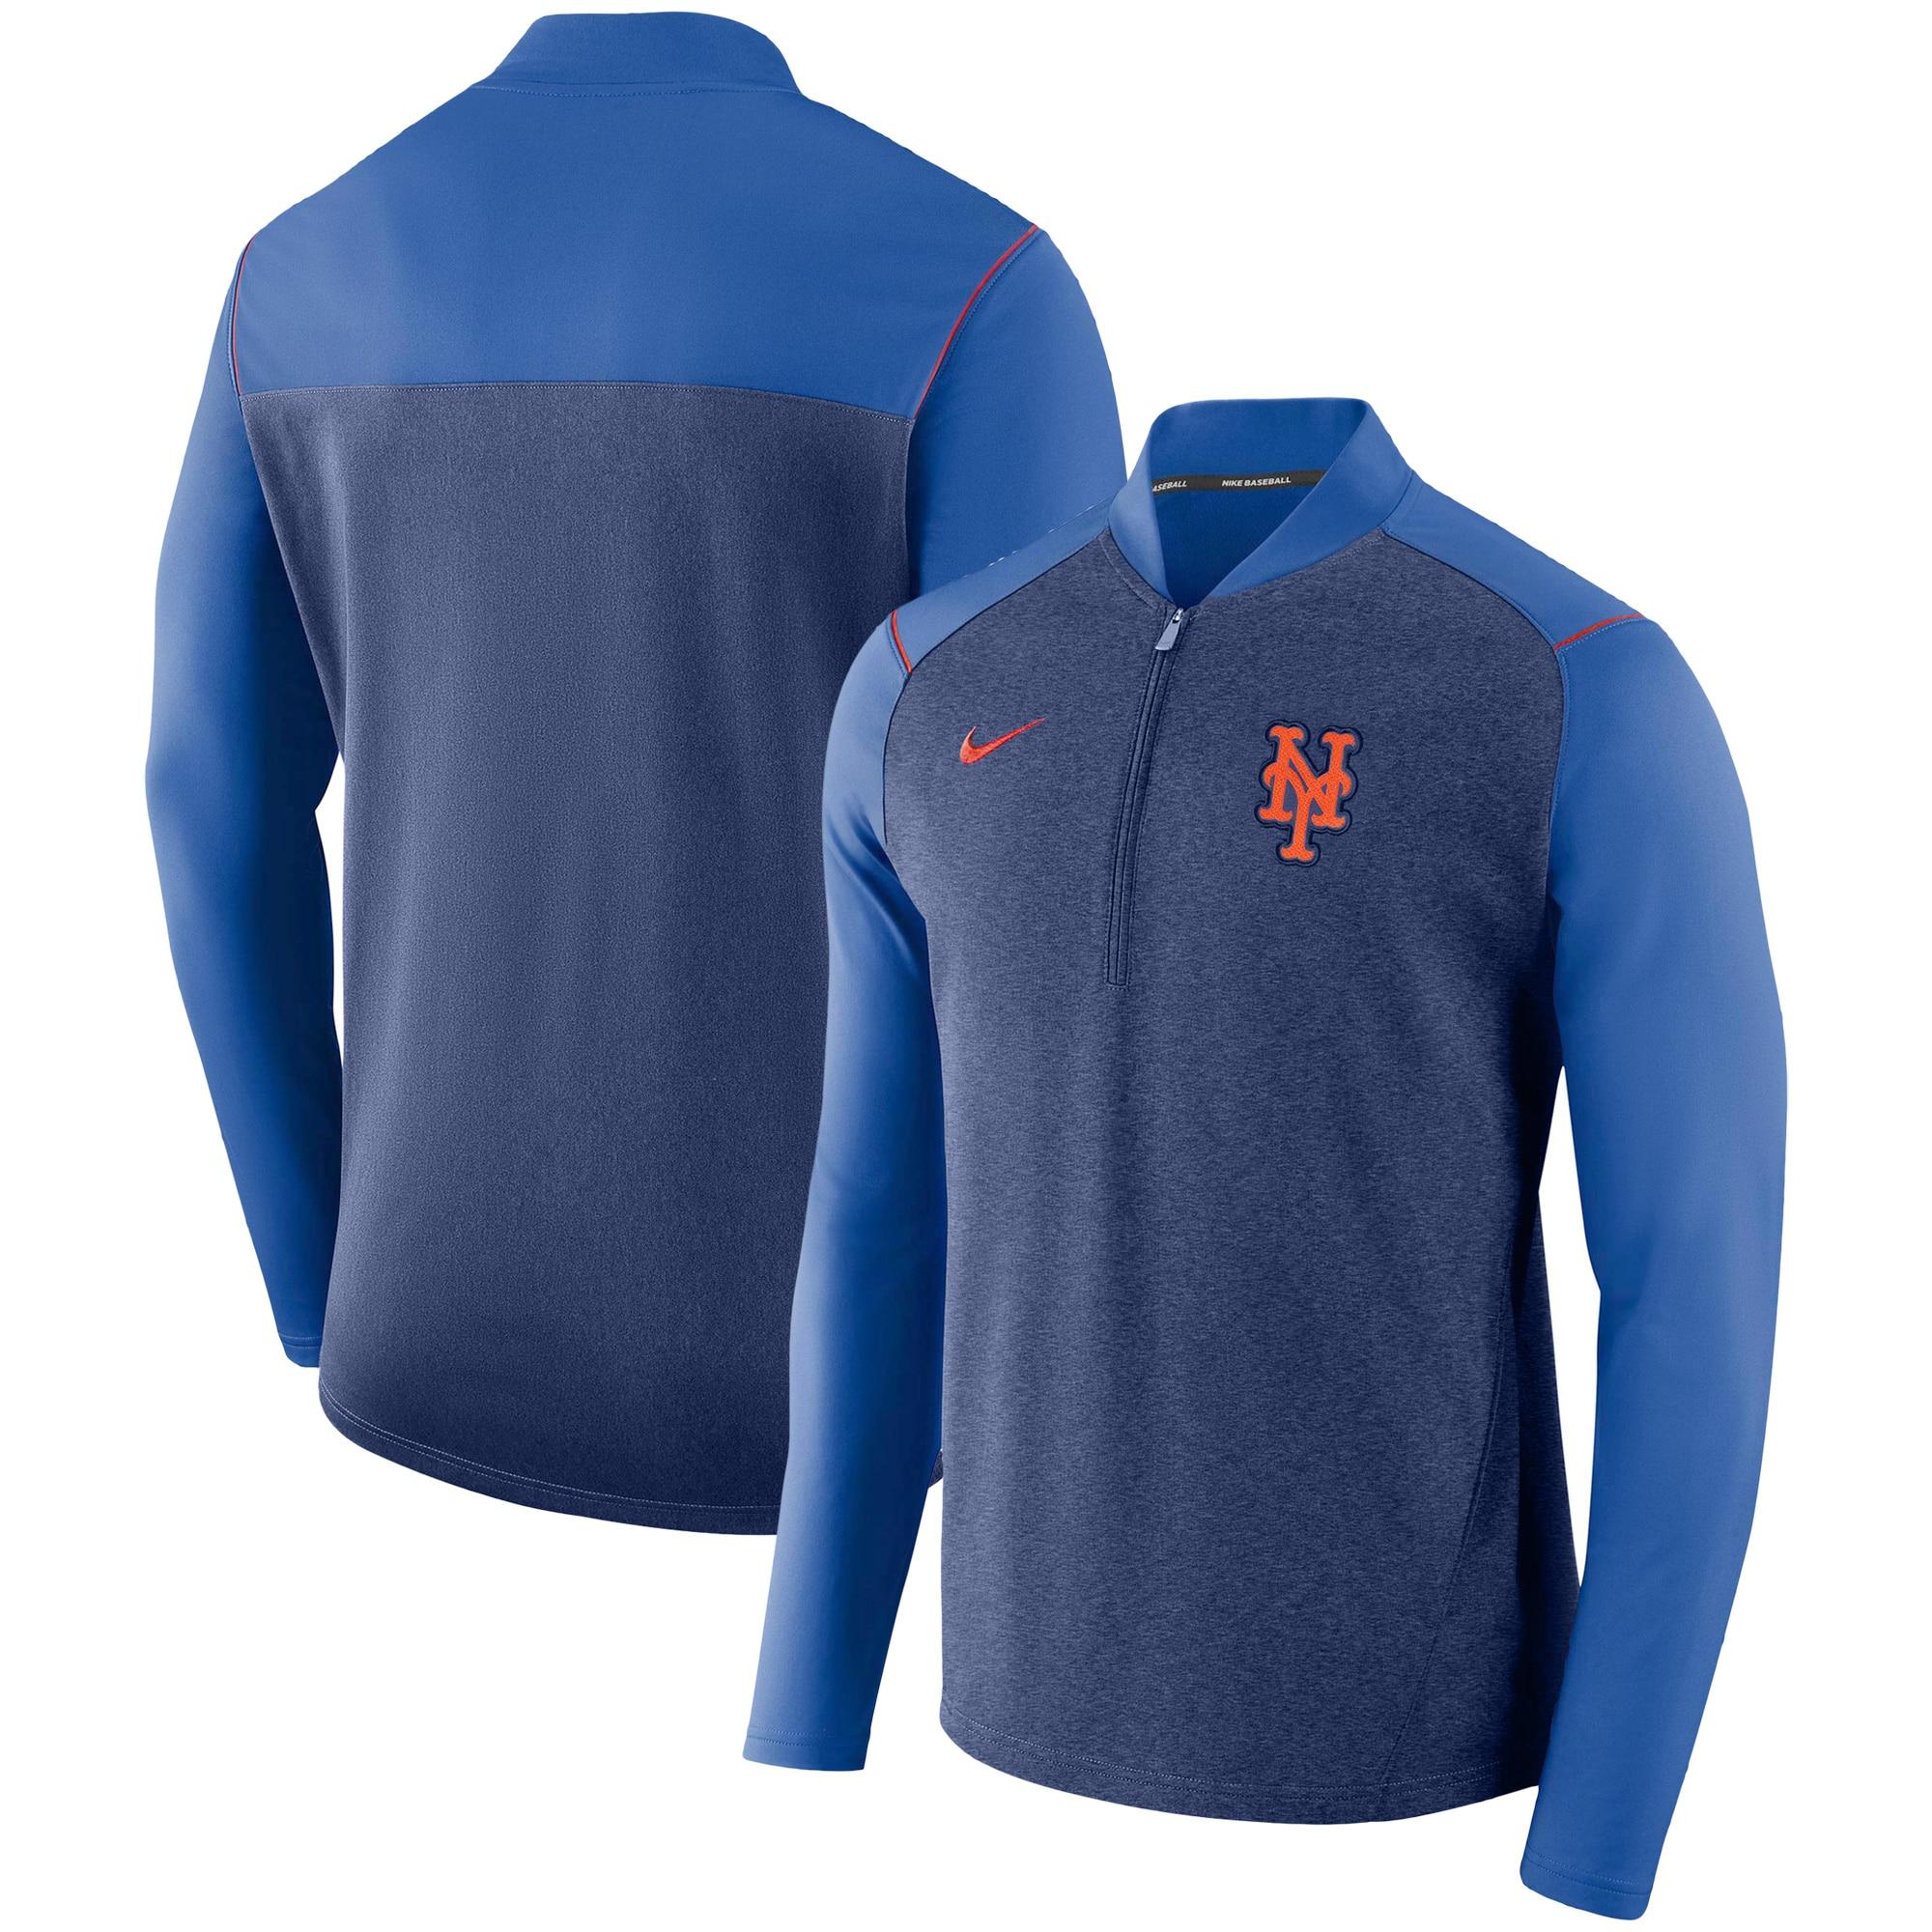 New York Mets Nike Elite Performance Half-Zip Pullover Jacket - Royal